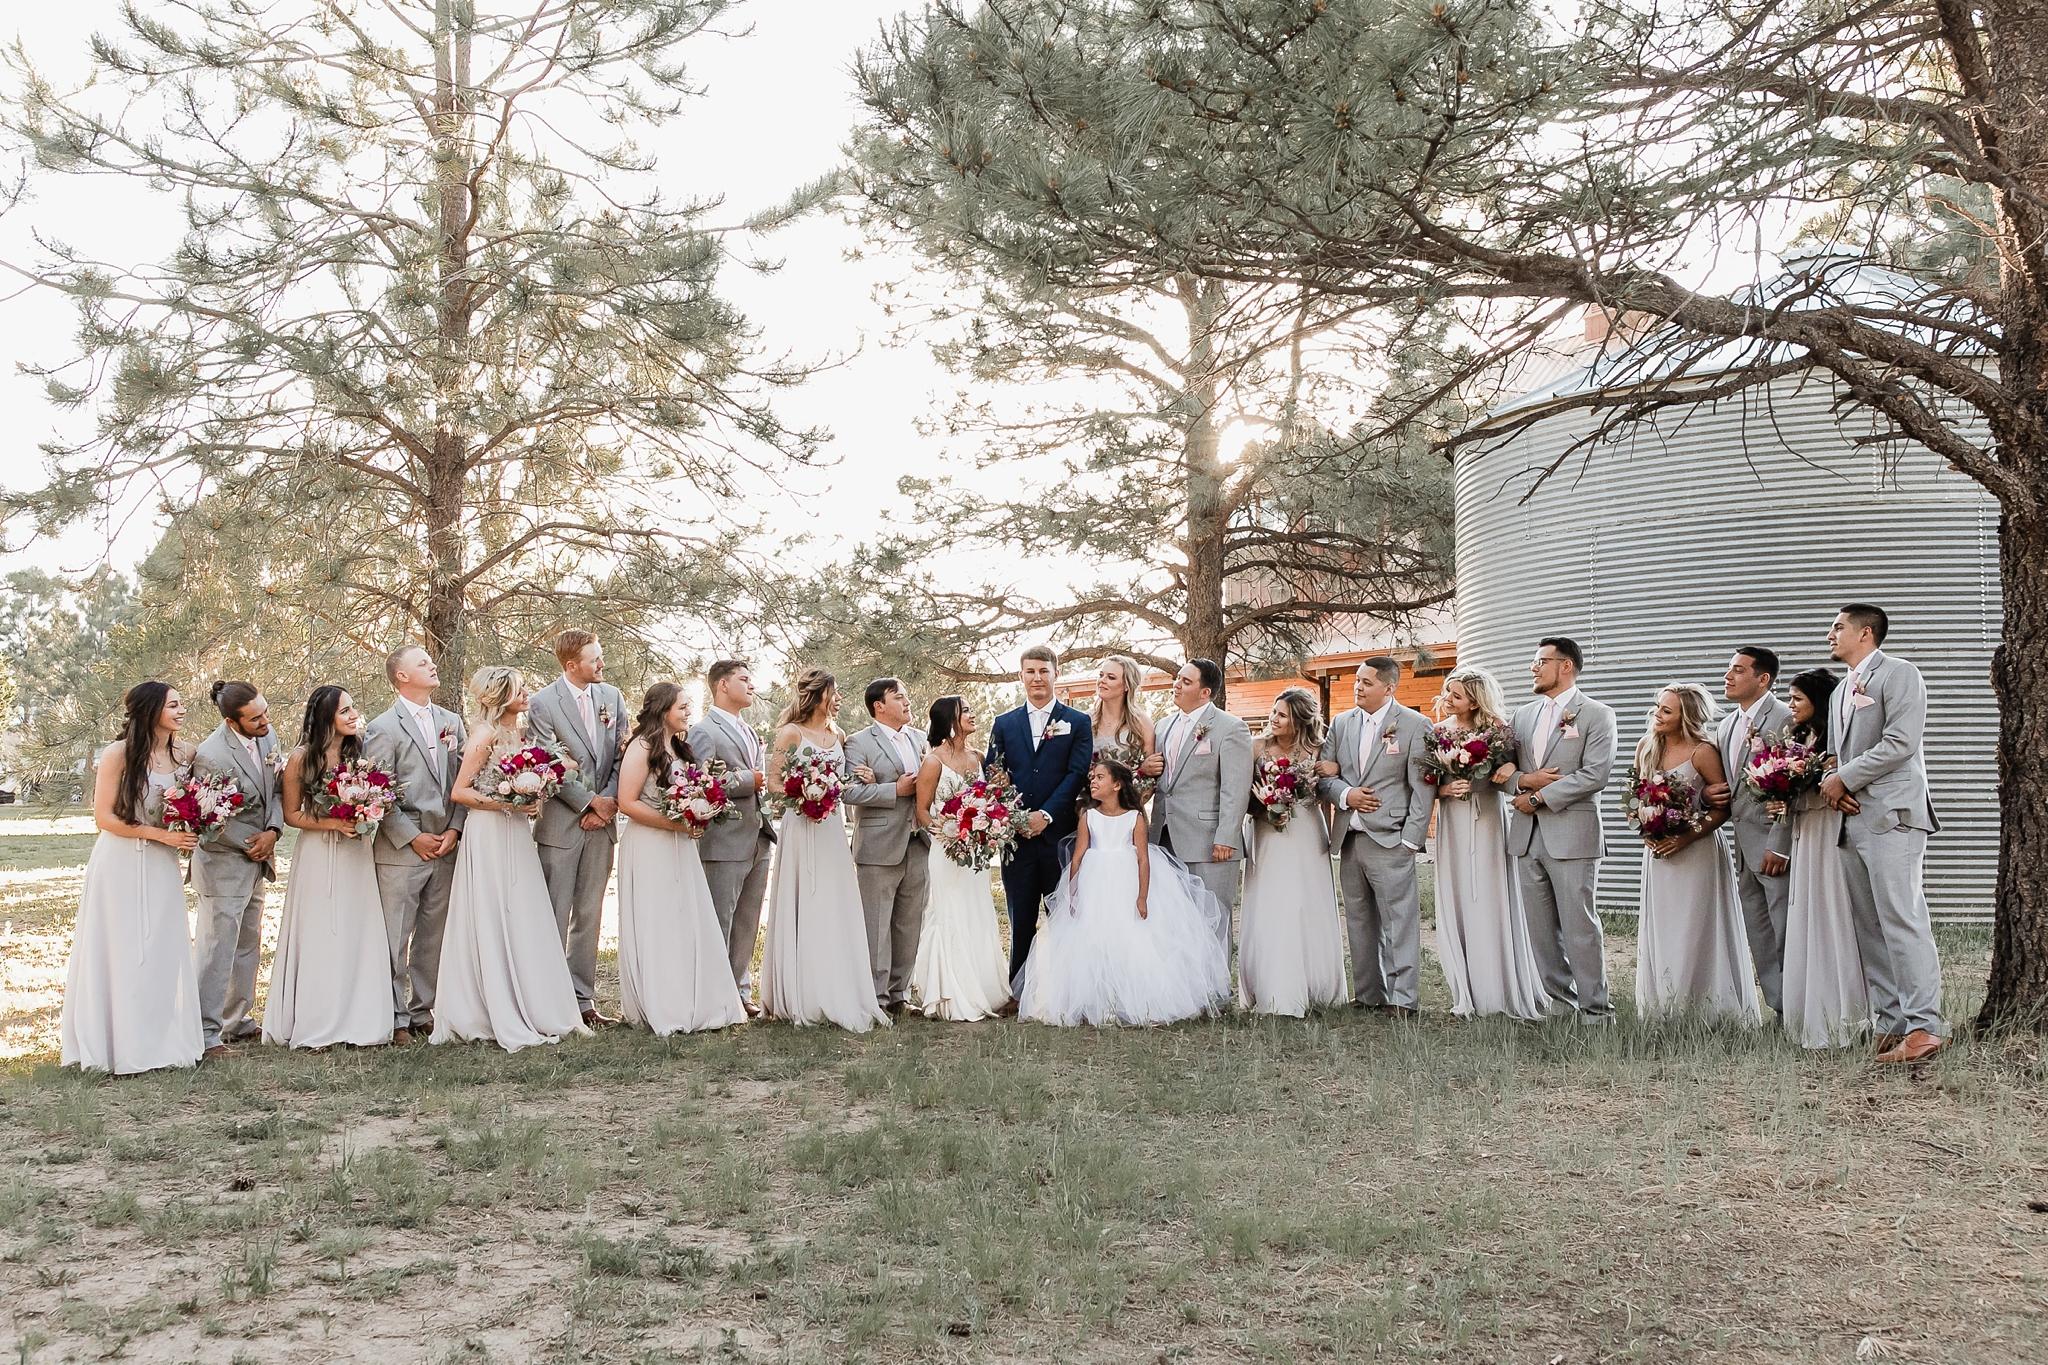 Alicia+lucia+photography+-+albuquerque+wedding+photographer+-+santa+fe+wedding+photography+-+new+mexico+wedding+photographer+-+new+mexico+wedding+-+new+mexico+wedding+-+barn+wedding+-+enchanted+vine+barn+wedding+-+ruidoso+wedding_0119.jpg